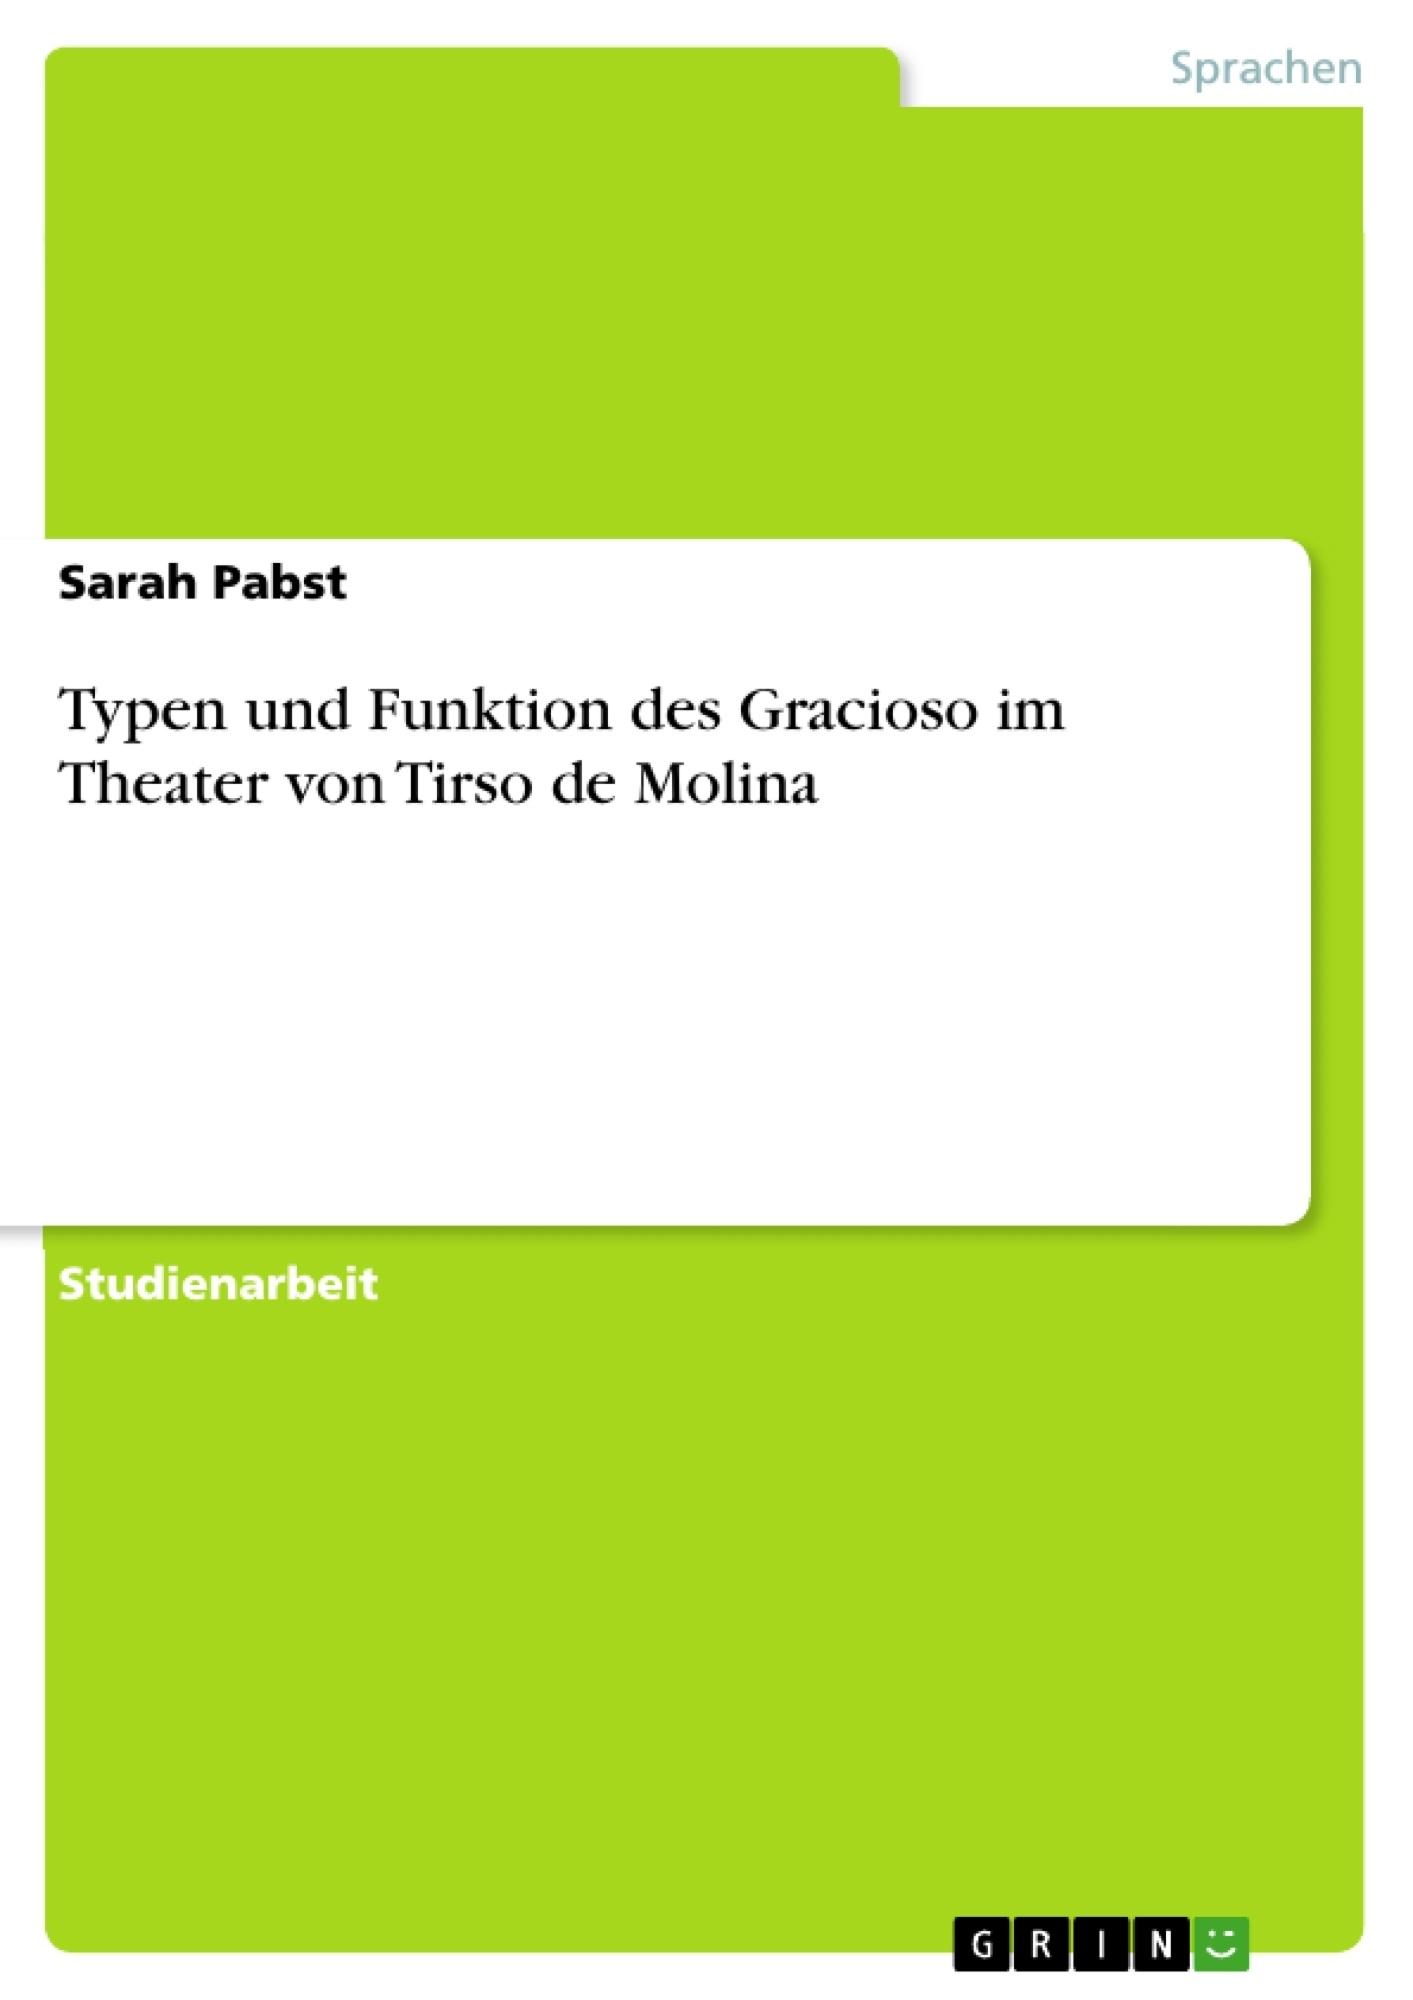 Titel: Typen und Funktion des Gracioso im Theater von Tirso de Molina